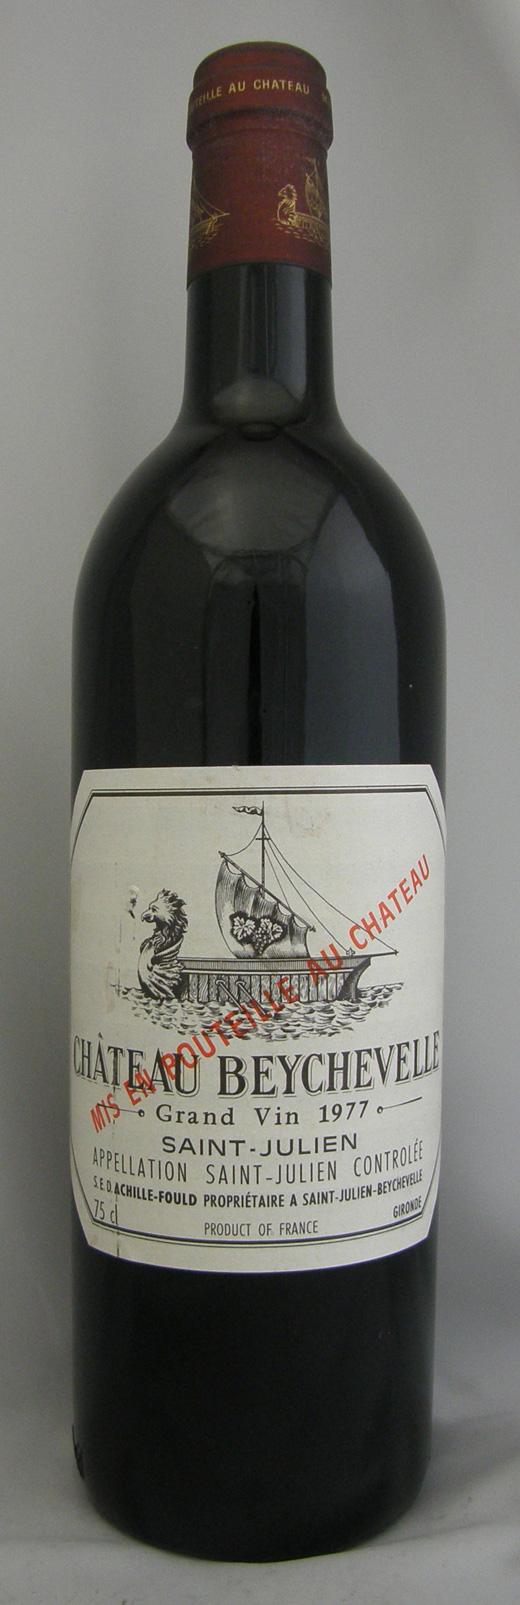 1977年 シャトー ベイシュベル(フランス 赤ワイン)